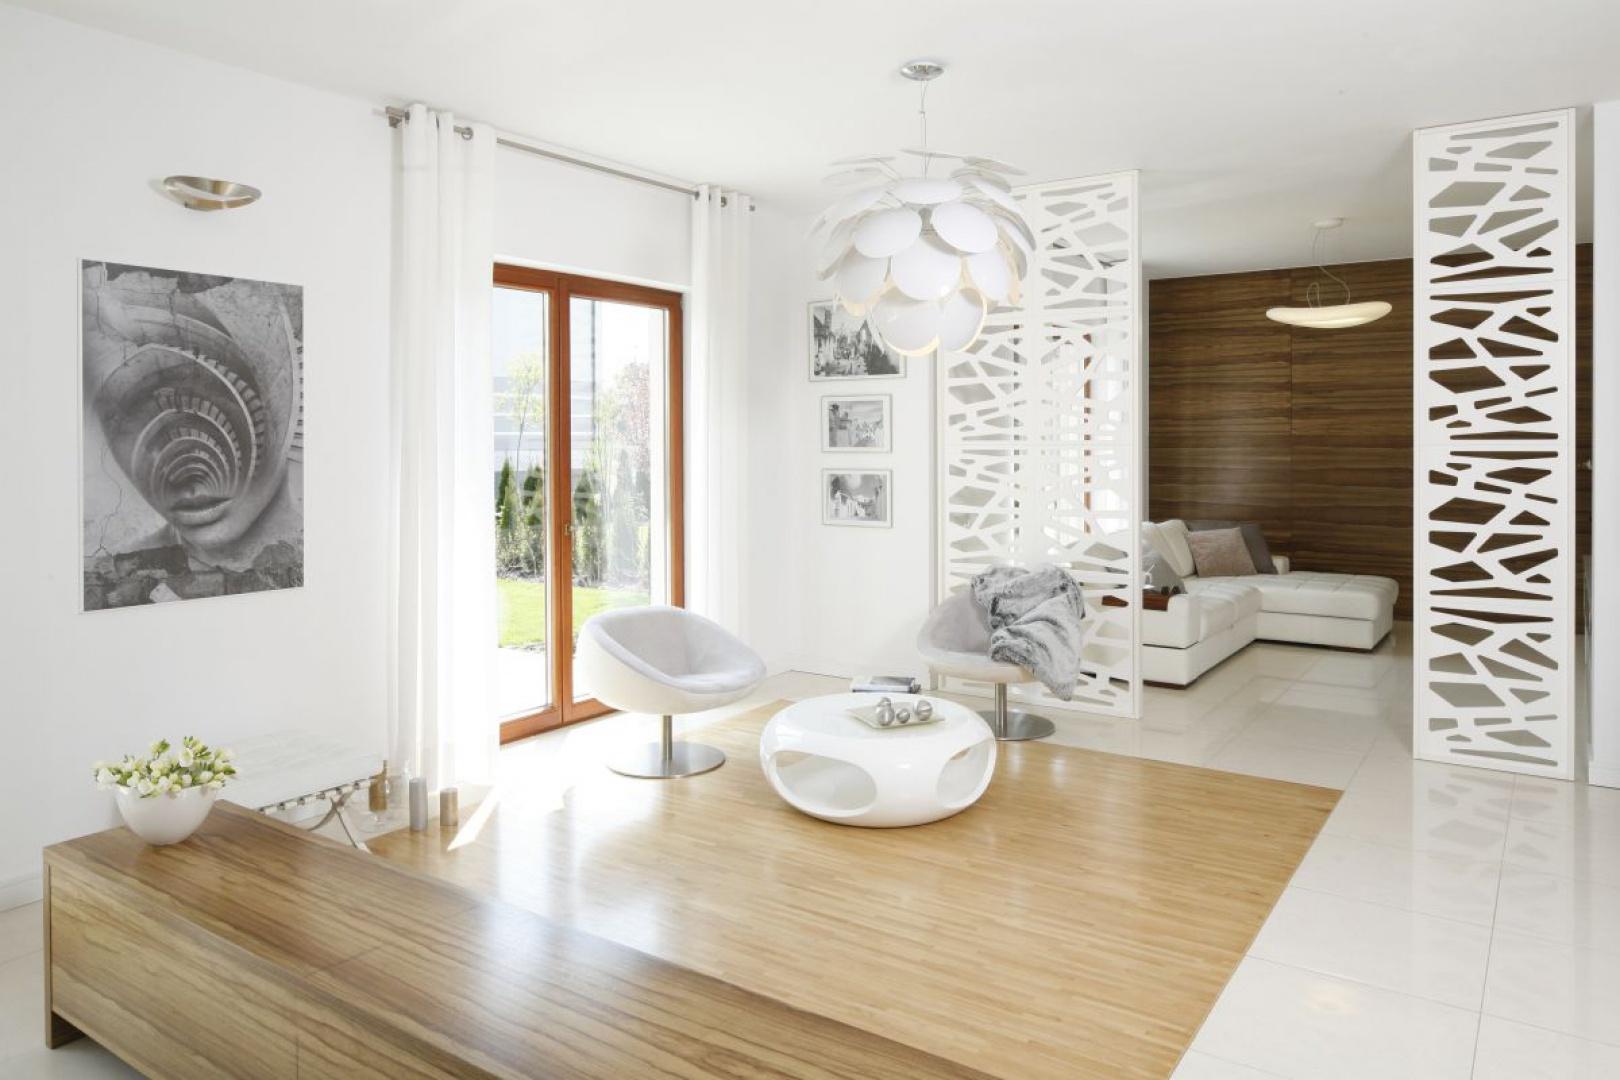 Jeśli chcemy optycznie rozświetlić i powiększyć wnętrze, postawmy na jasne kolory ścian. Planując malowanie, wybierzmy farbę w odcieniach bieli, beżu lub delikatnych pasteli. Projekt: Agnieszka Ludwinowska, Fot. Bartosz Jarosz